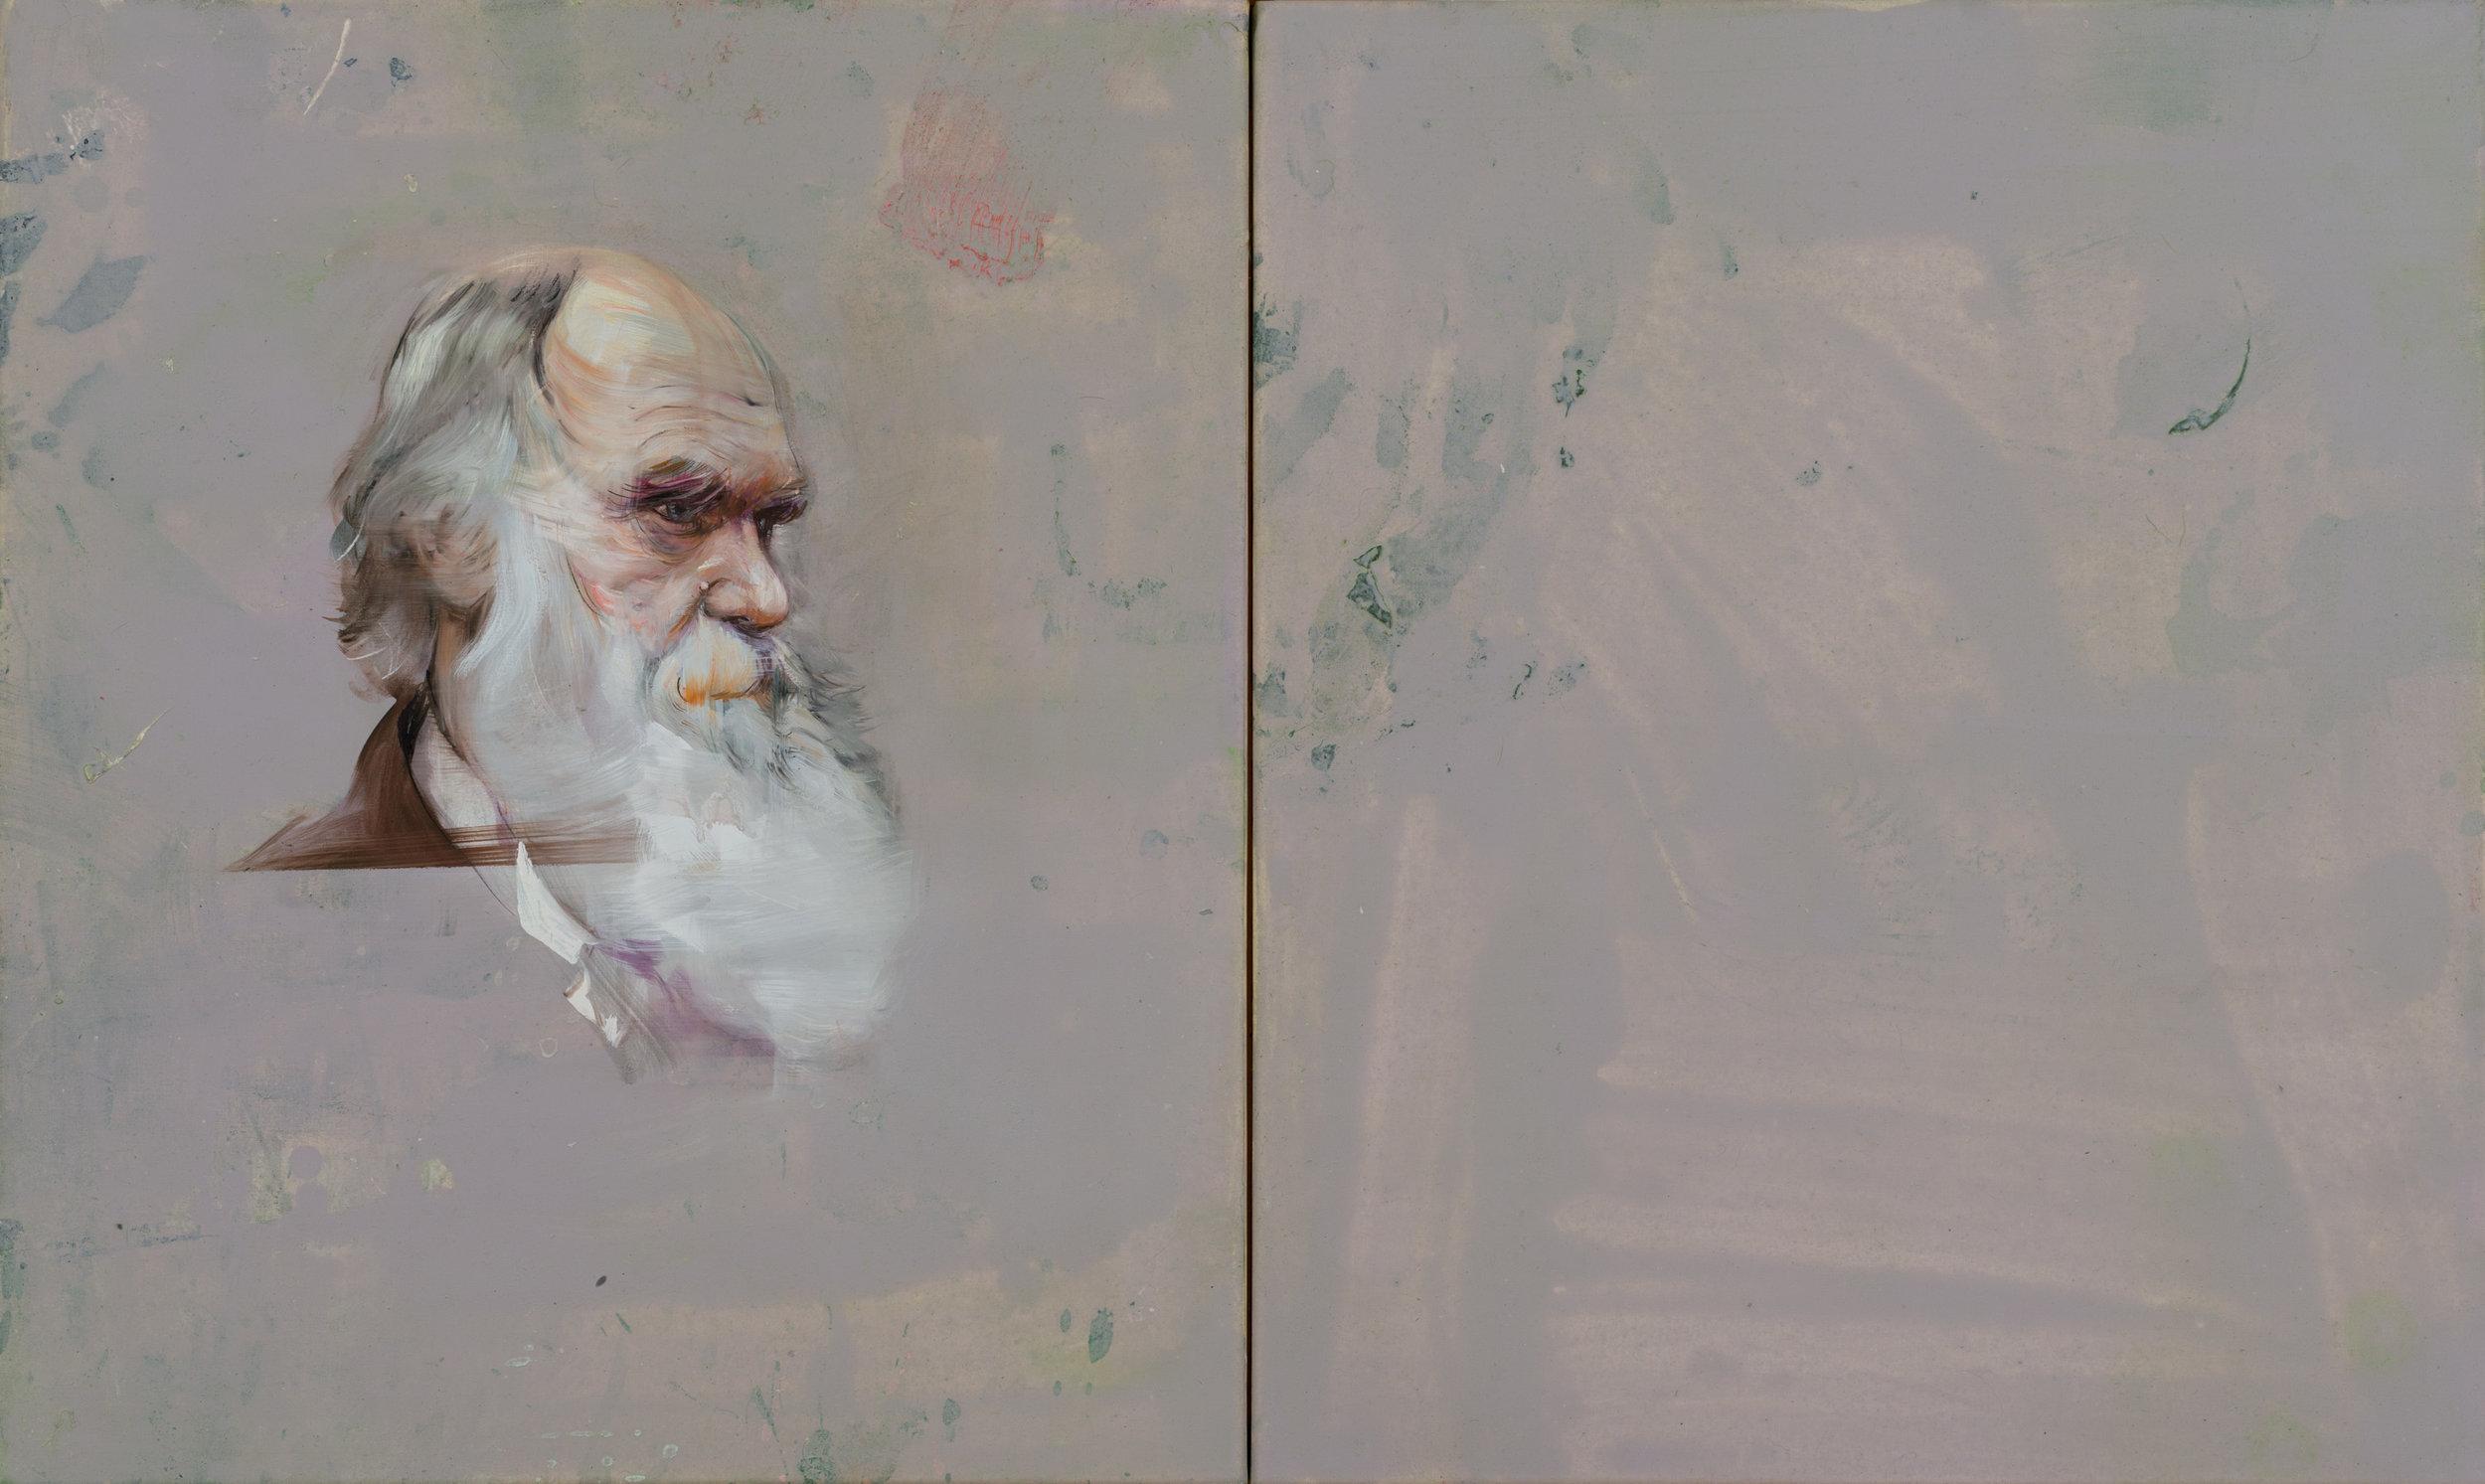 C. Darwin, 2015.